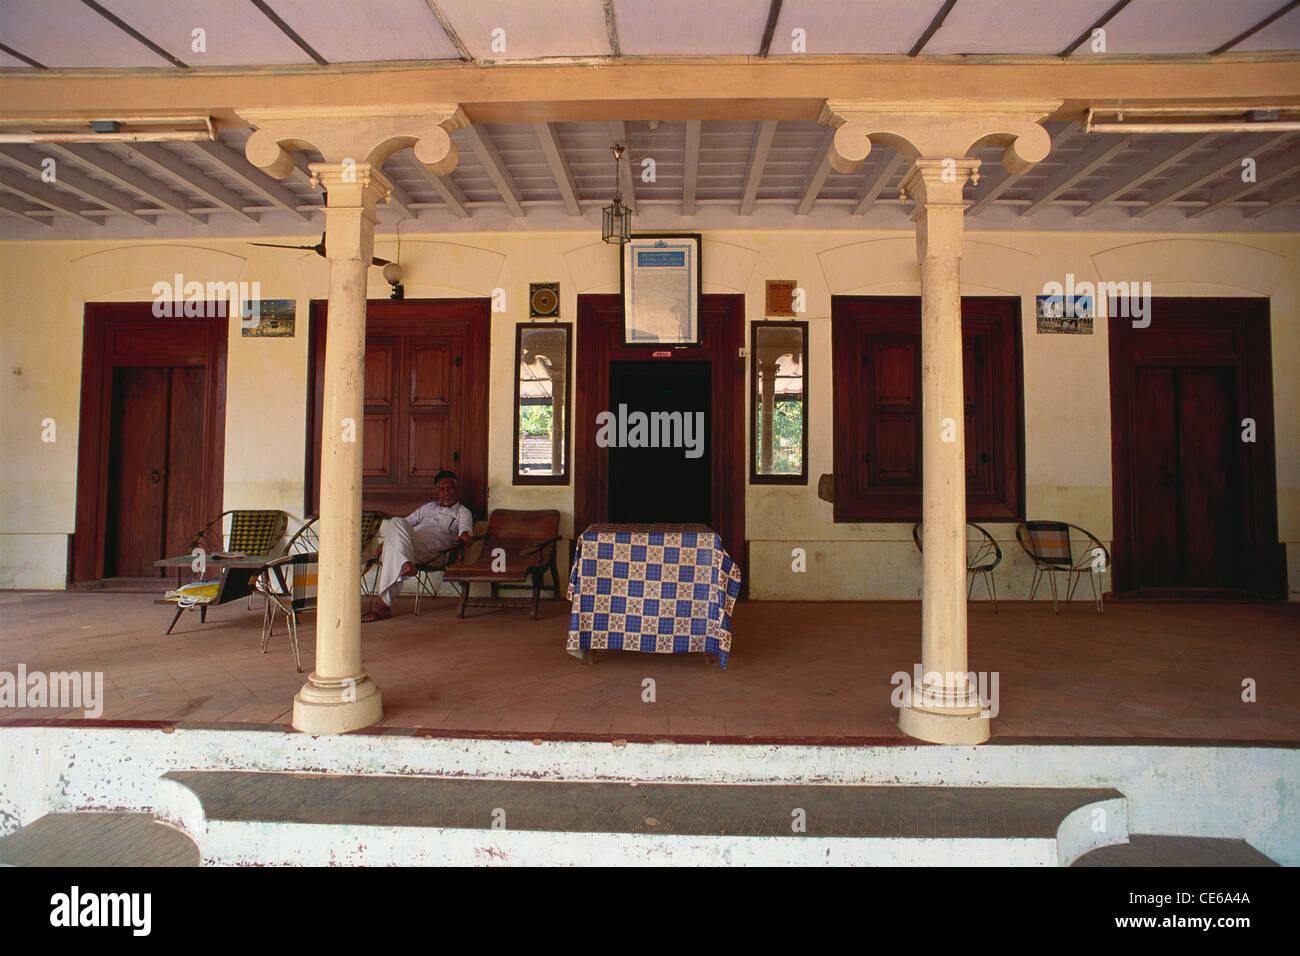 Moplah Kerala Muslim Old House At Calicut Kerala India